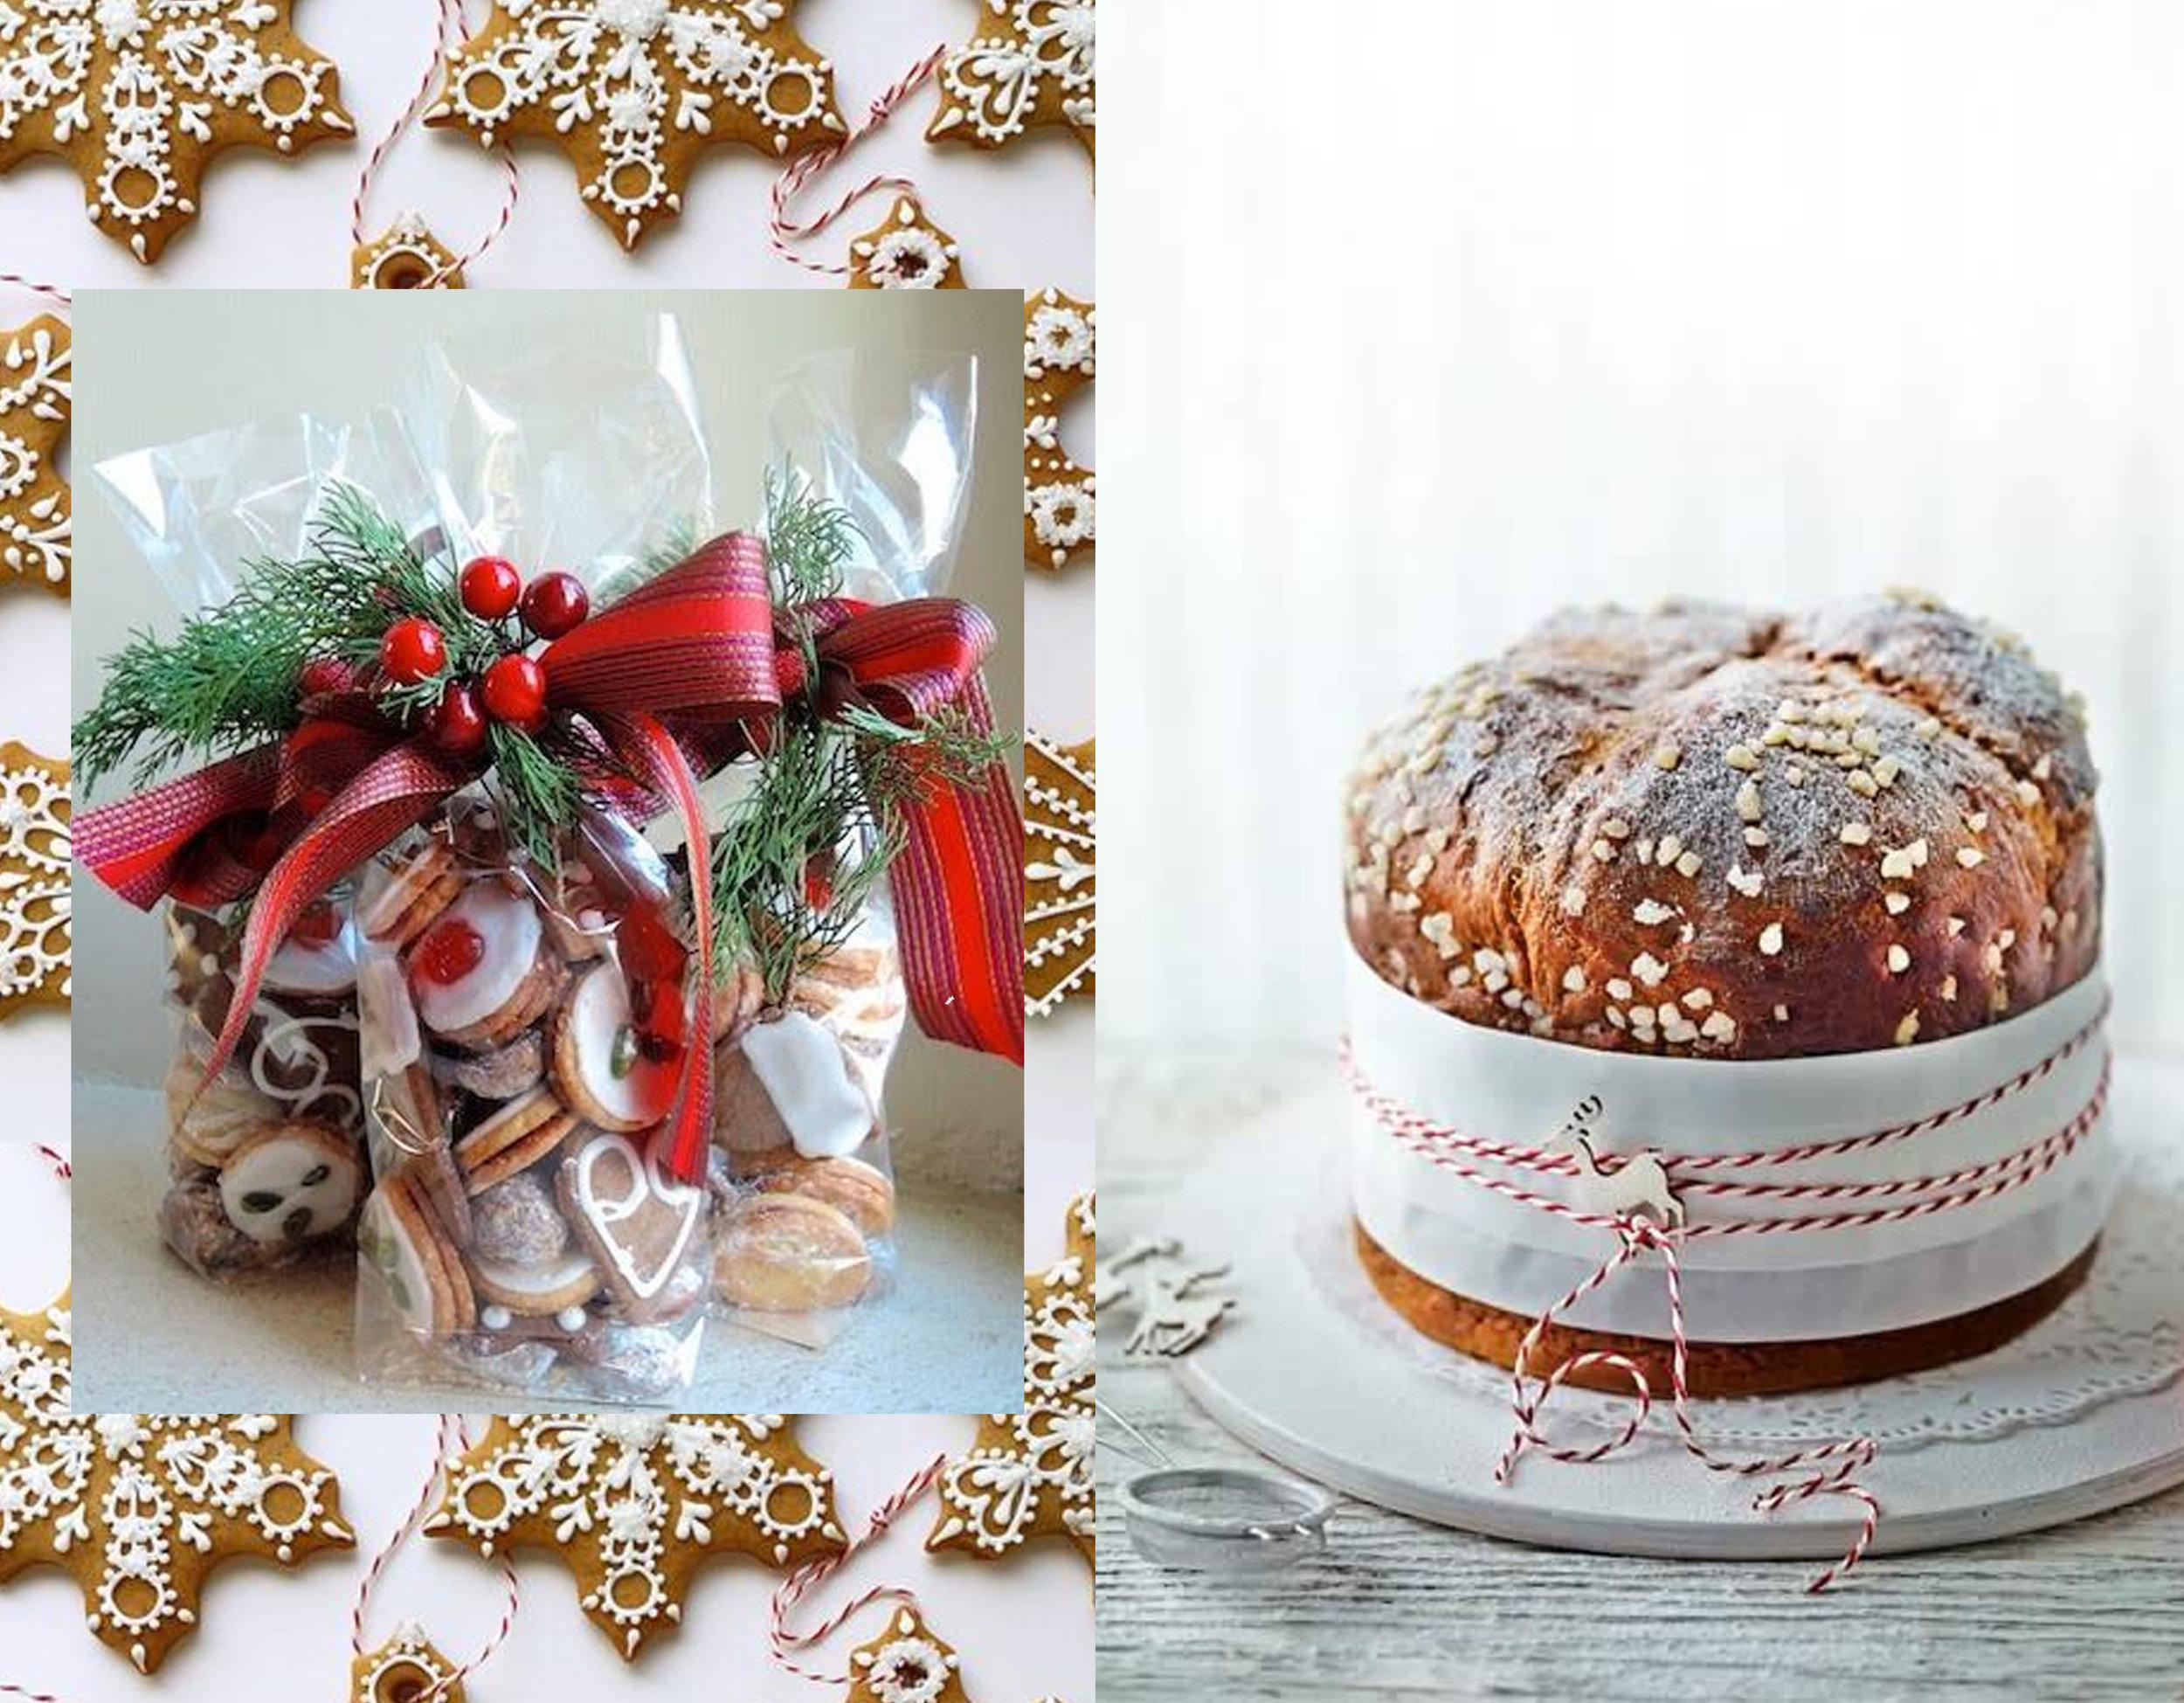 cookies via  SweetAmbs  - cookis as a perfect gift via  Pinterest  - panetone  Meg and Cook